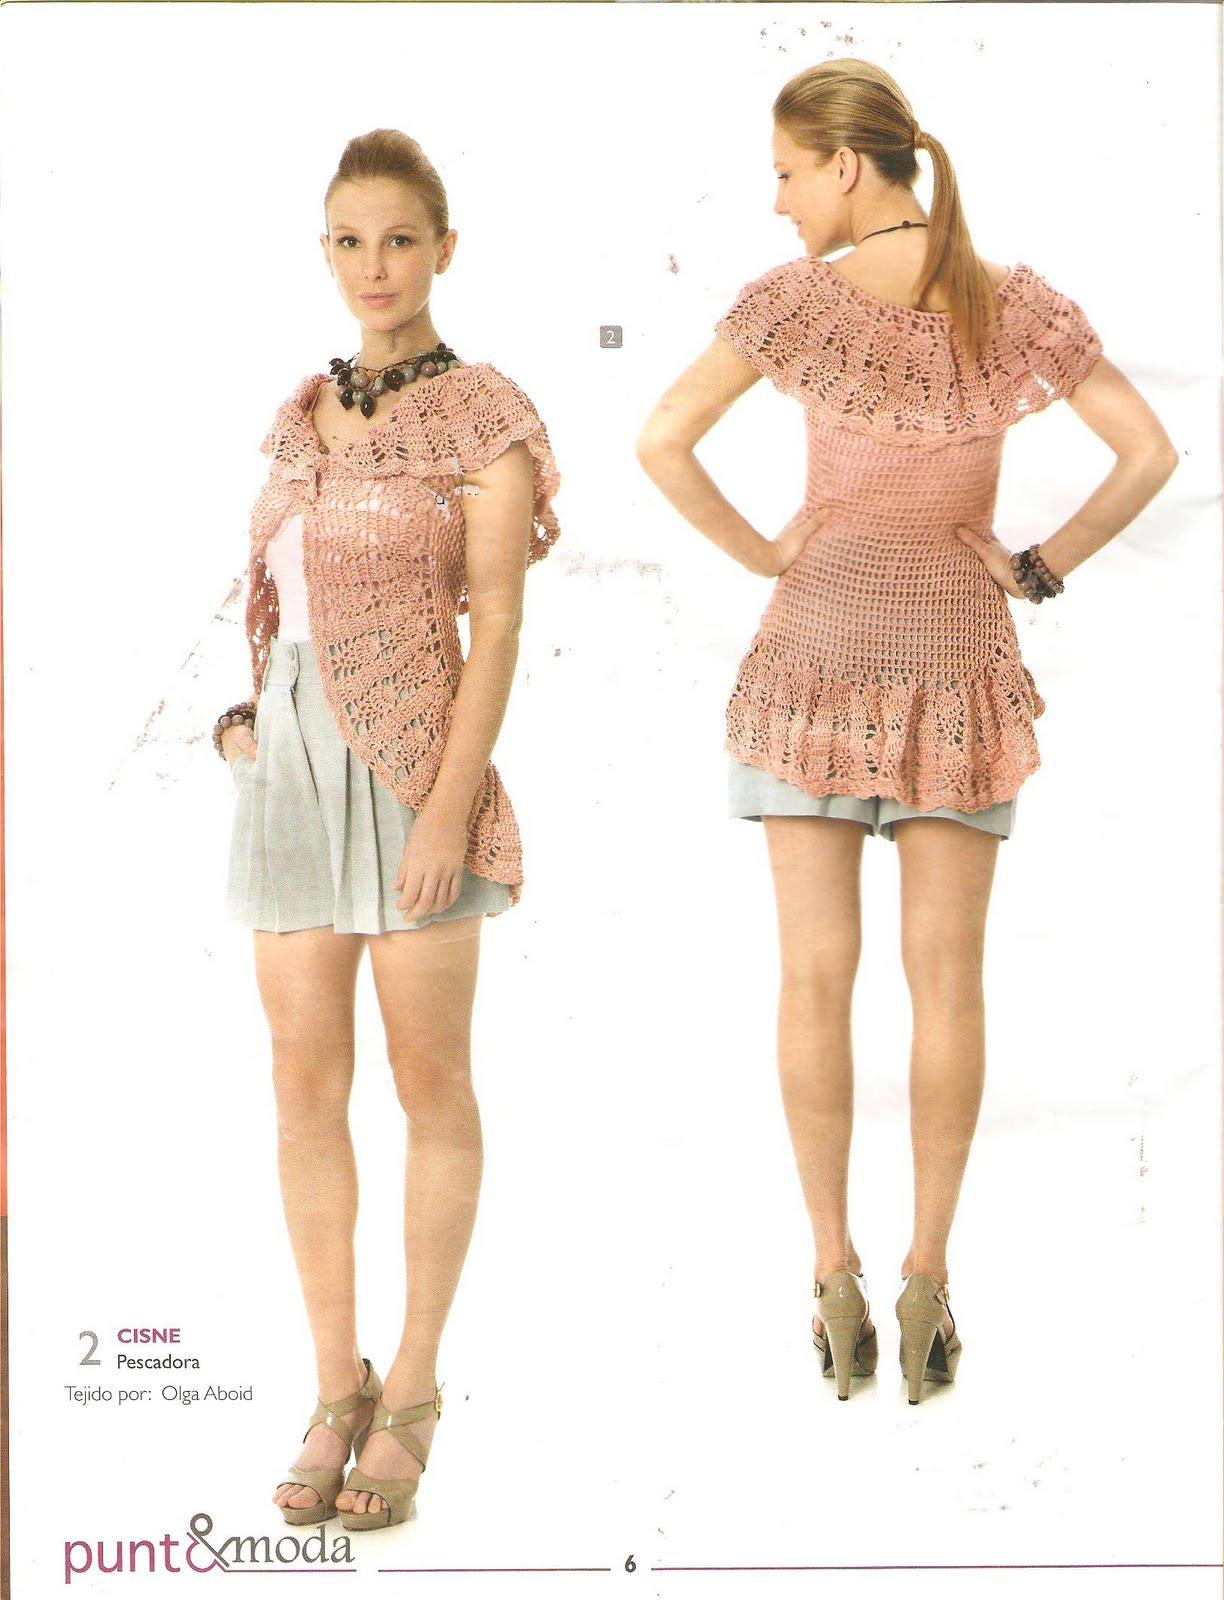 http://2.bp.blogspot.com/-7YQO2fVvT3g/TdxRH4k6GLI/AAAAAAAAAv8/qsl4eUqx6mg/s1600/Punto+%2526+Moda+003.jpg